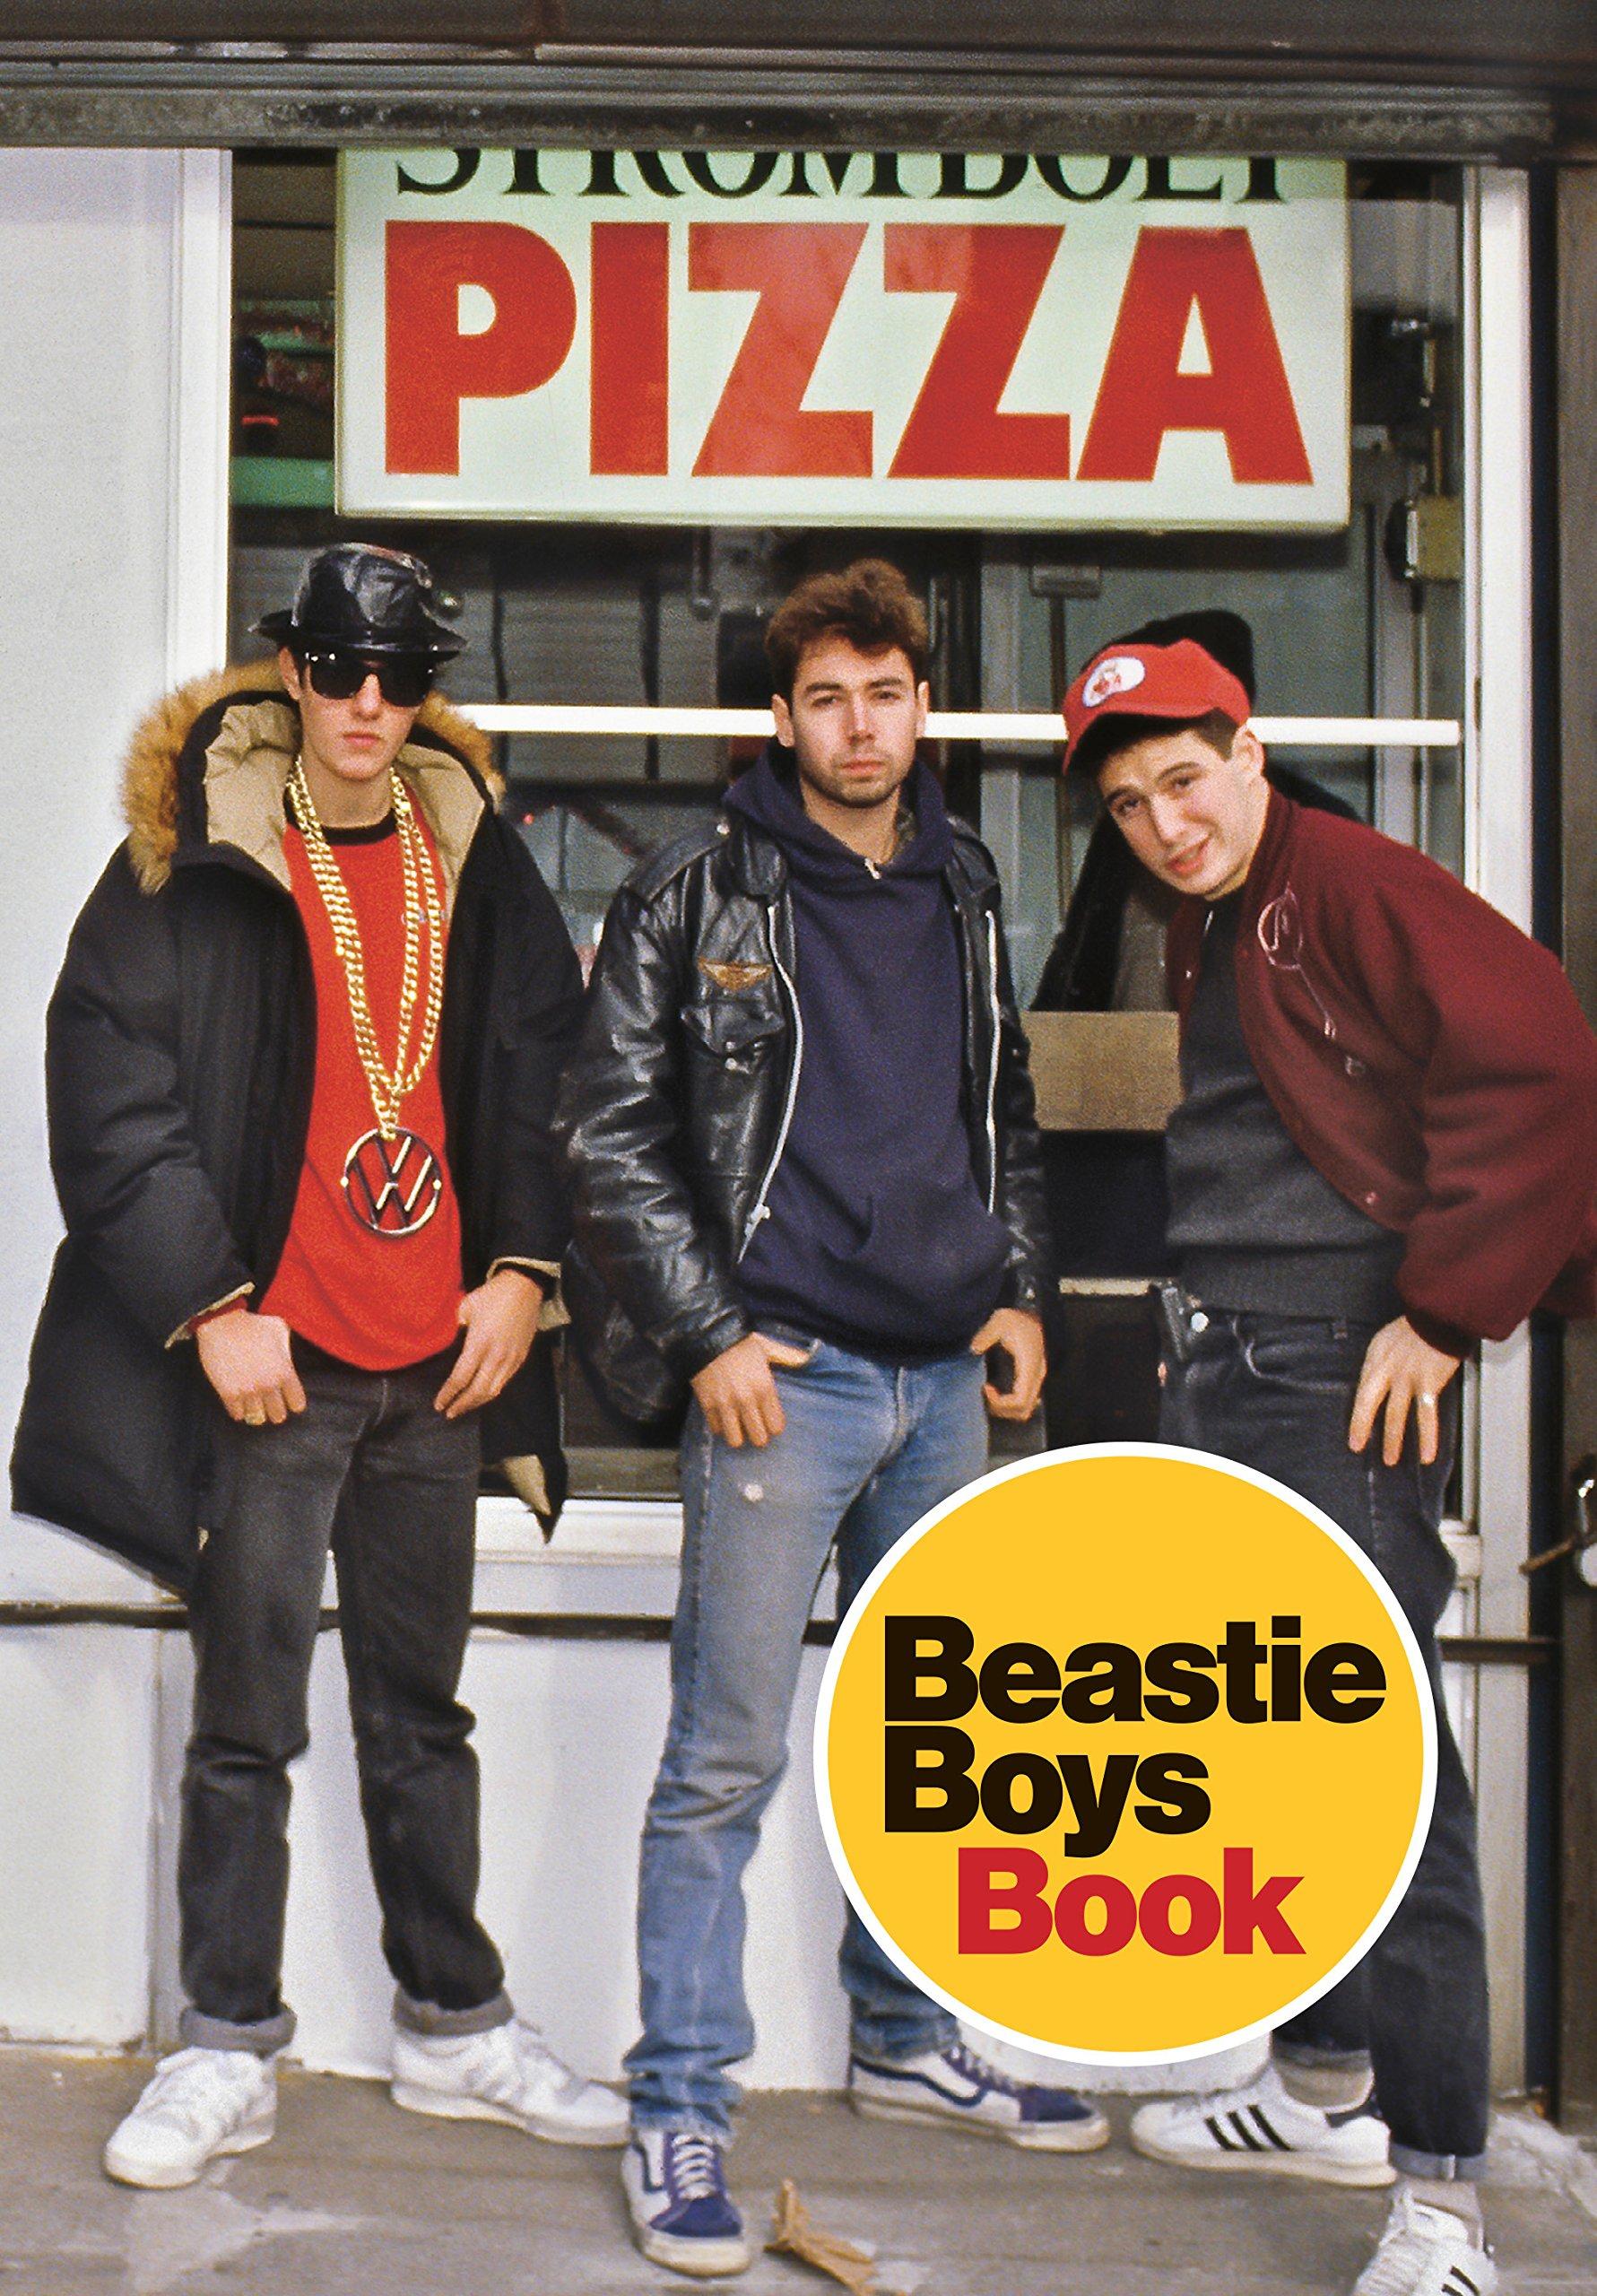 Beastieboysbook sticker 011